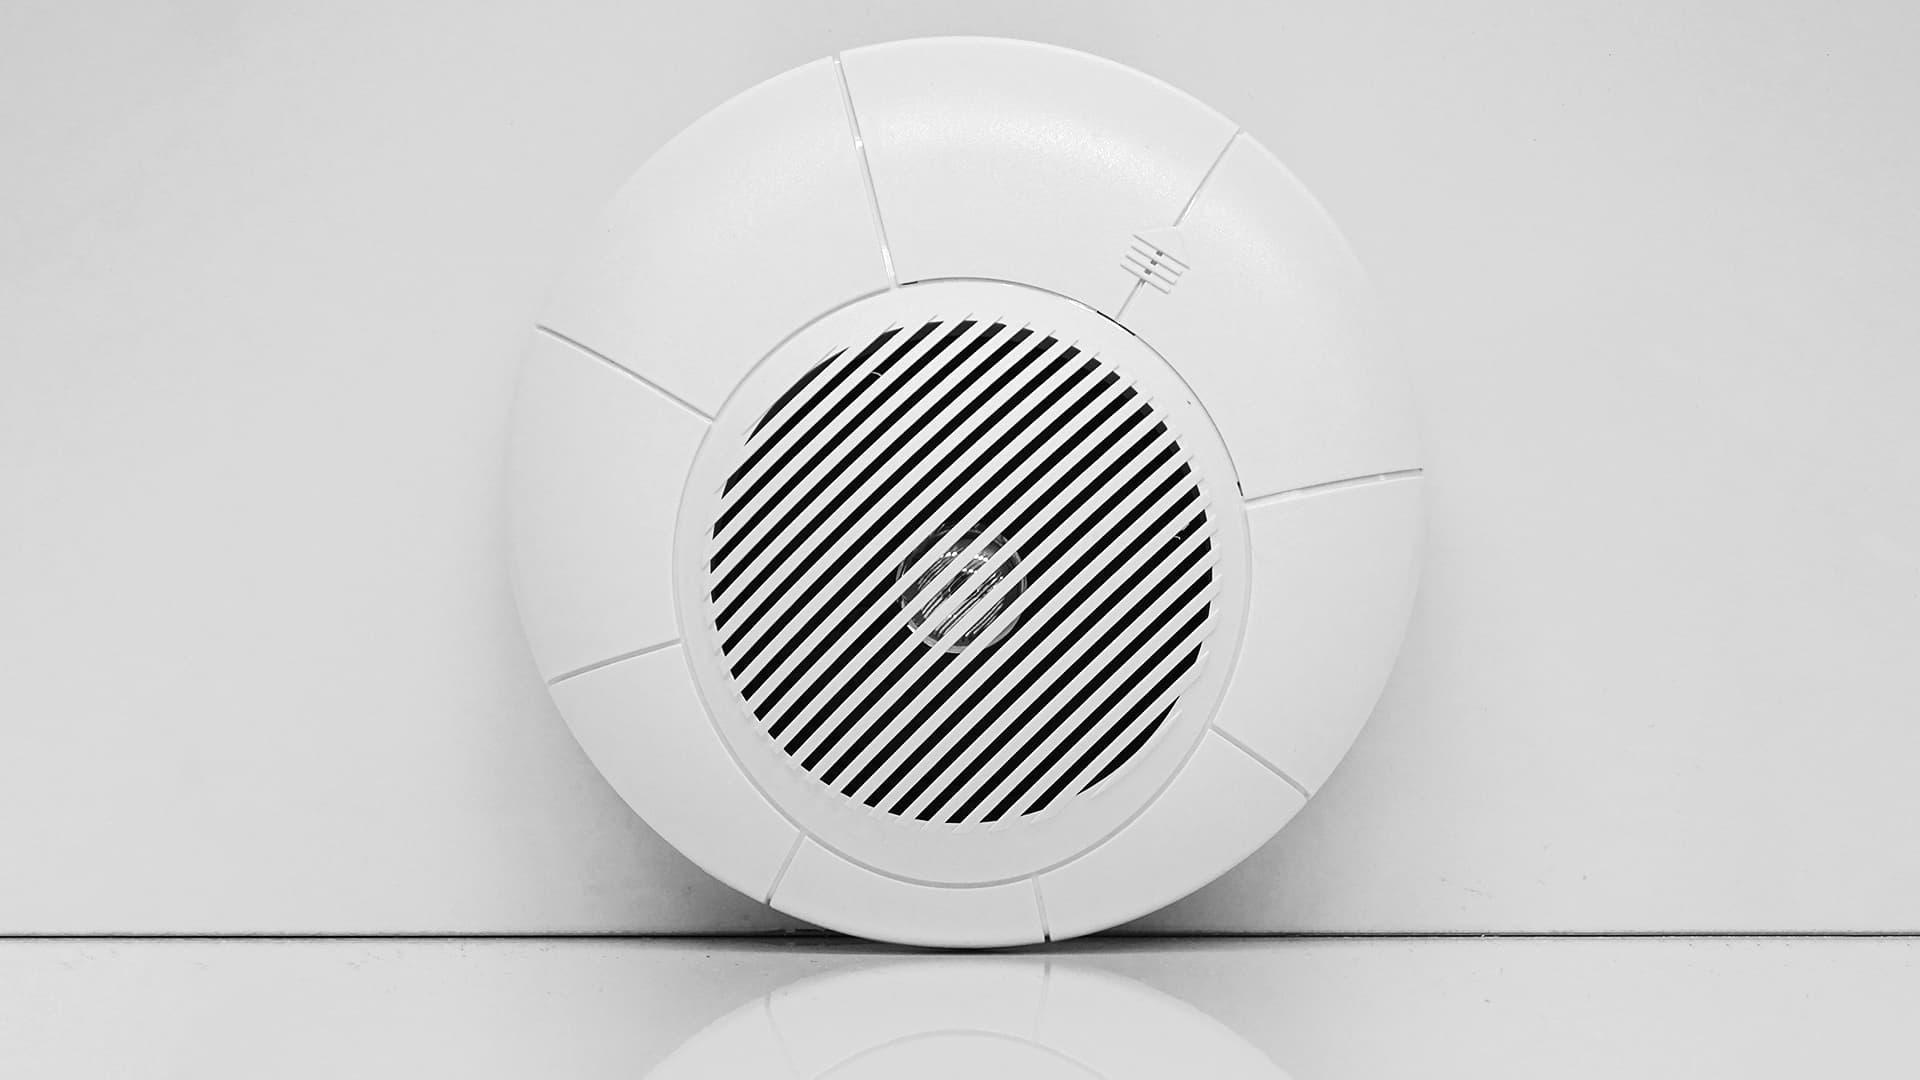 KAKADU, la sonnette totalement personnalisable et connectable